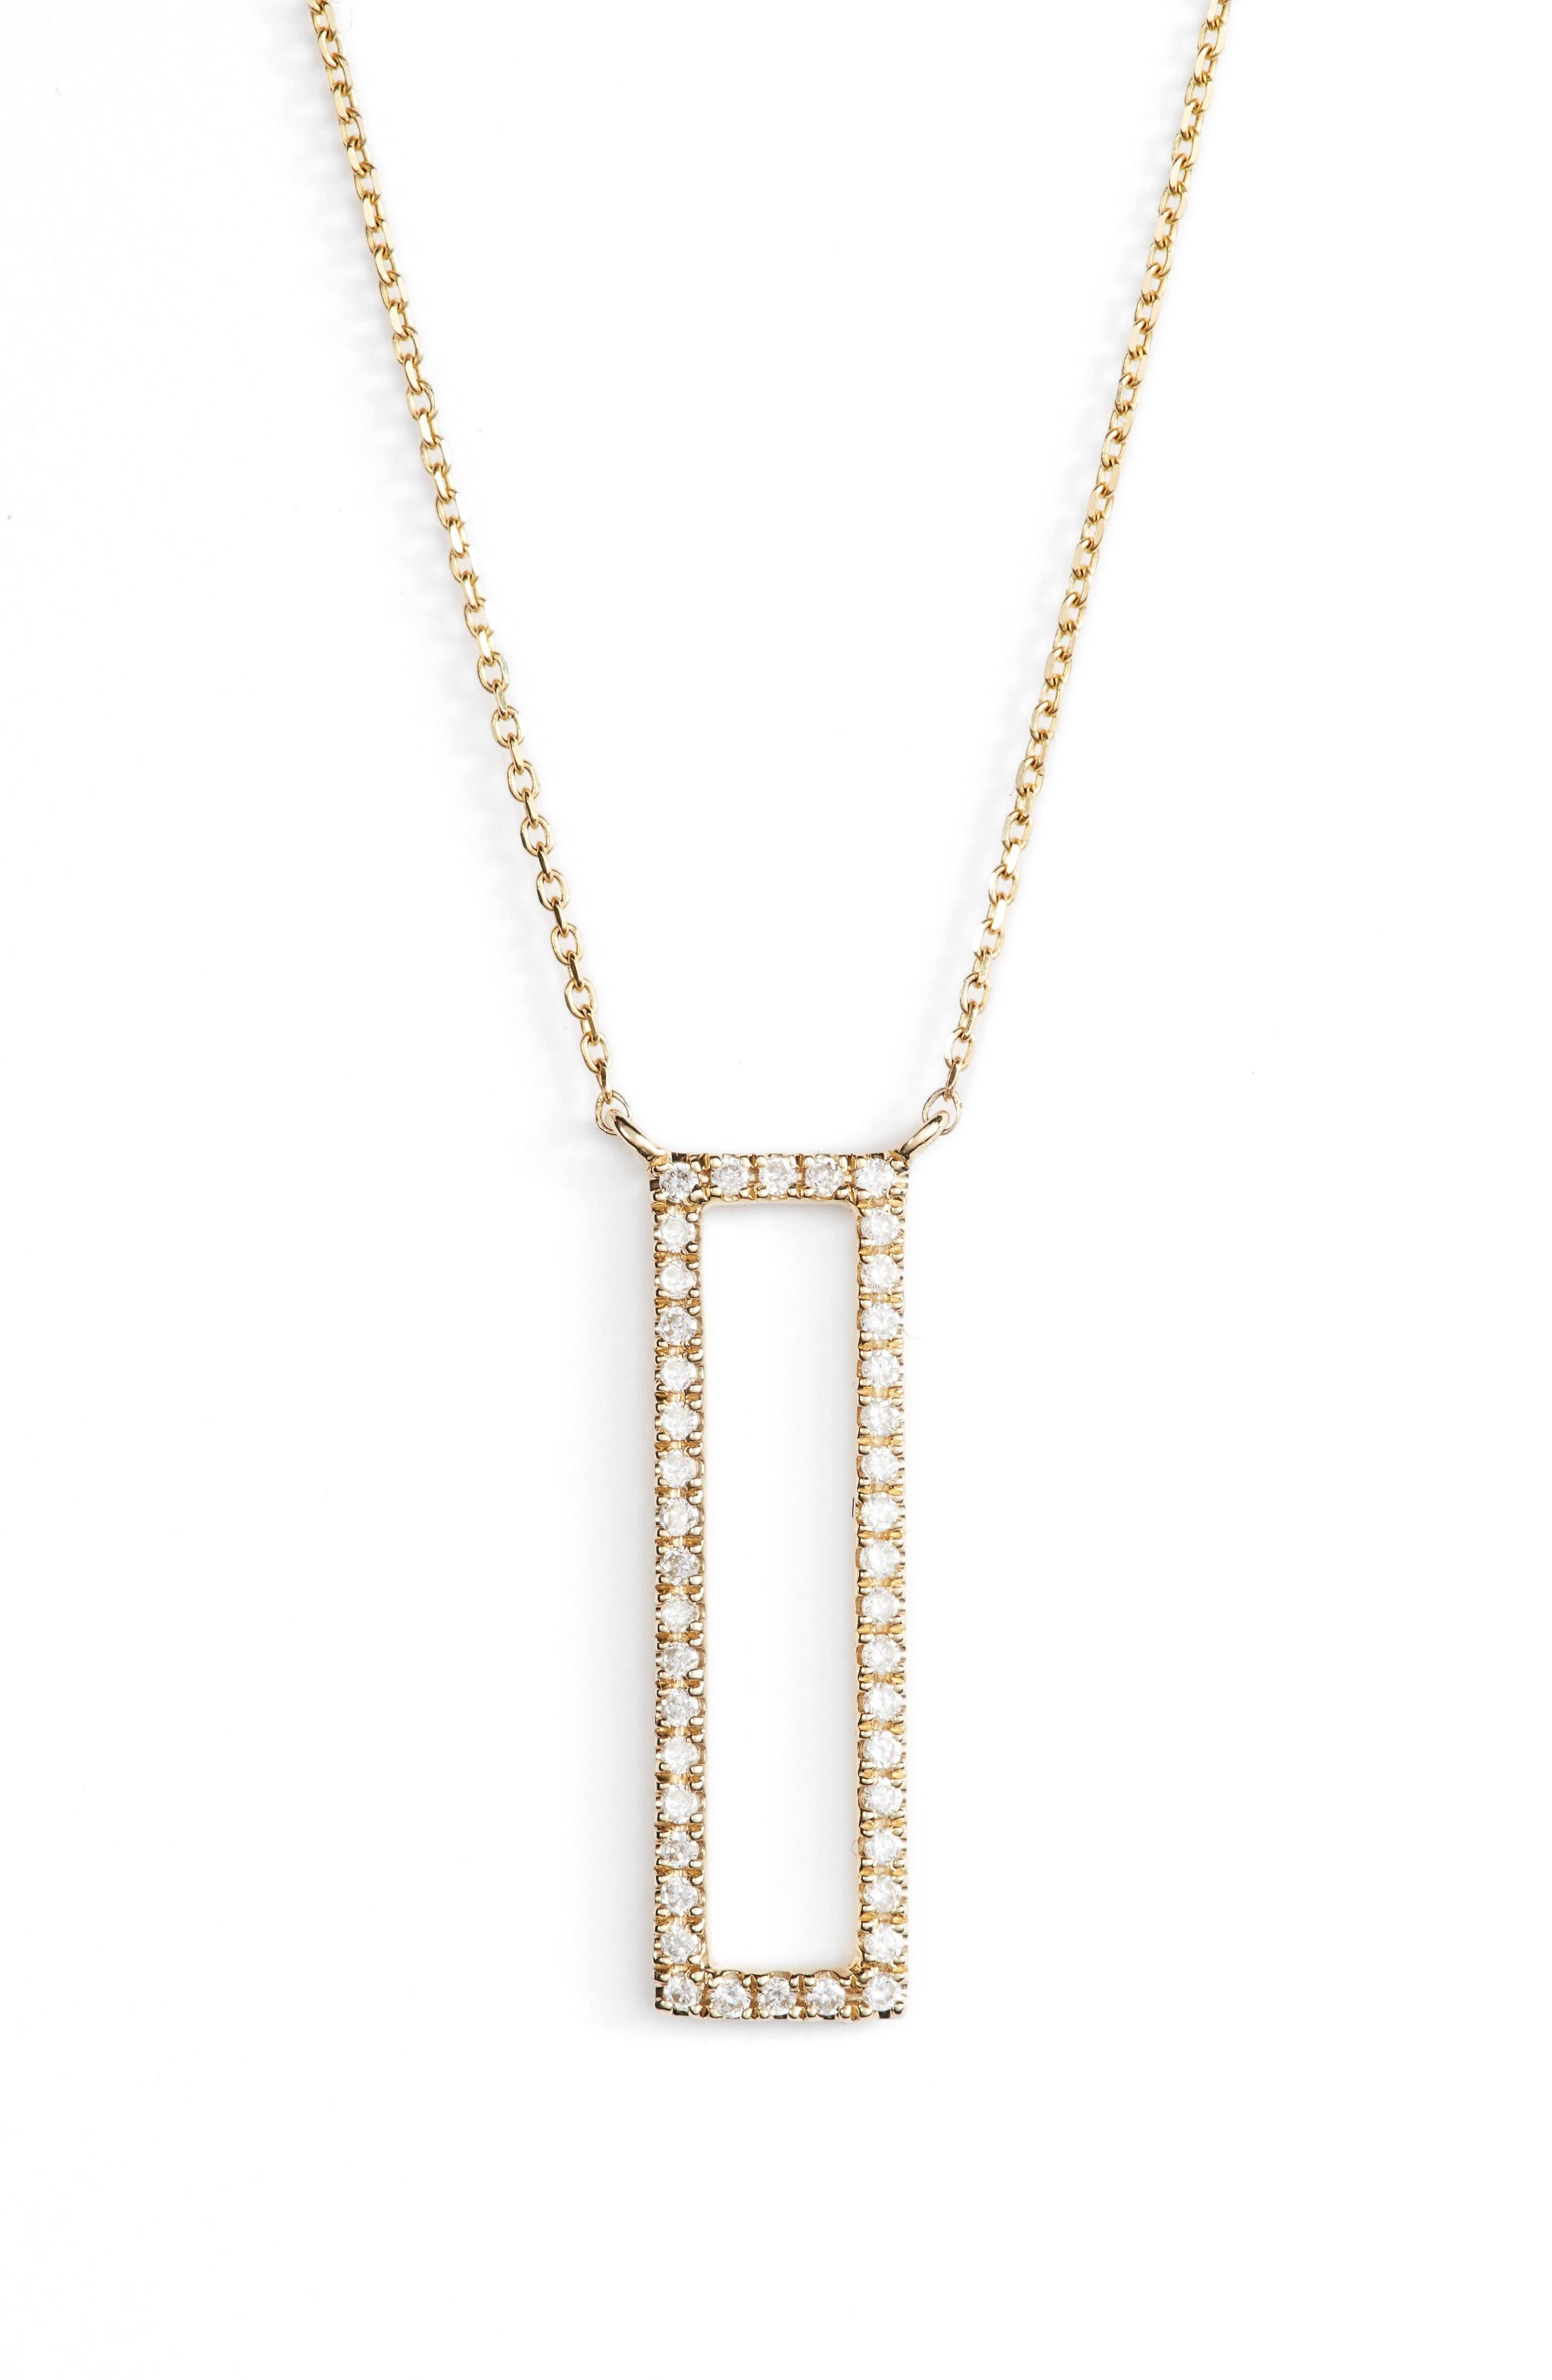 Main Image - Dana Rebecca Designs Diamond Pendant Necklace